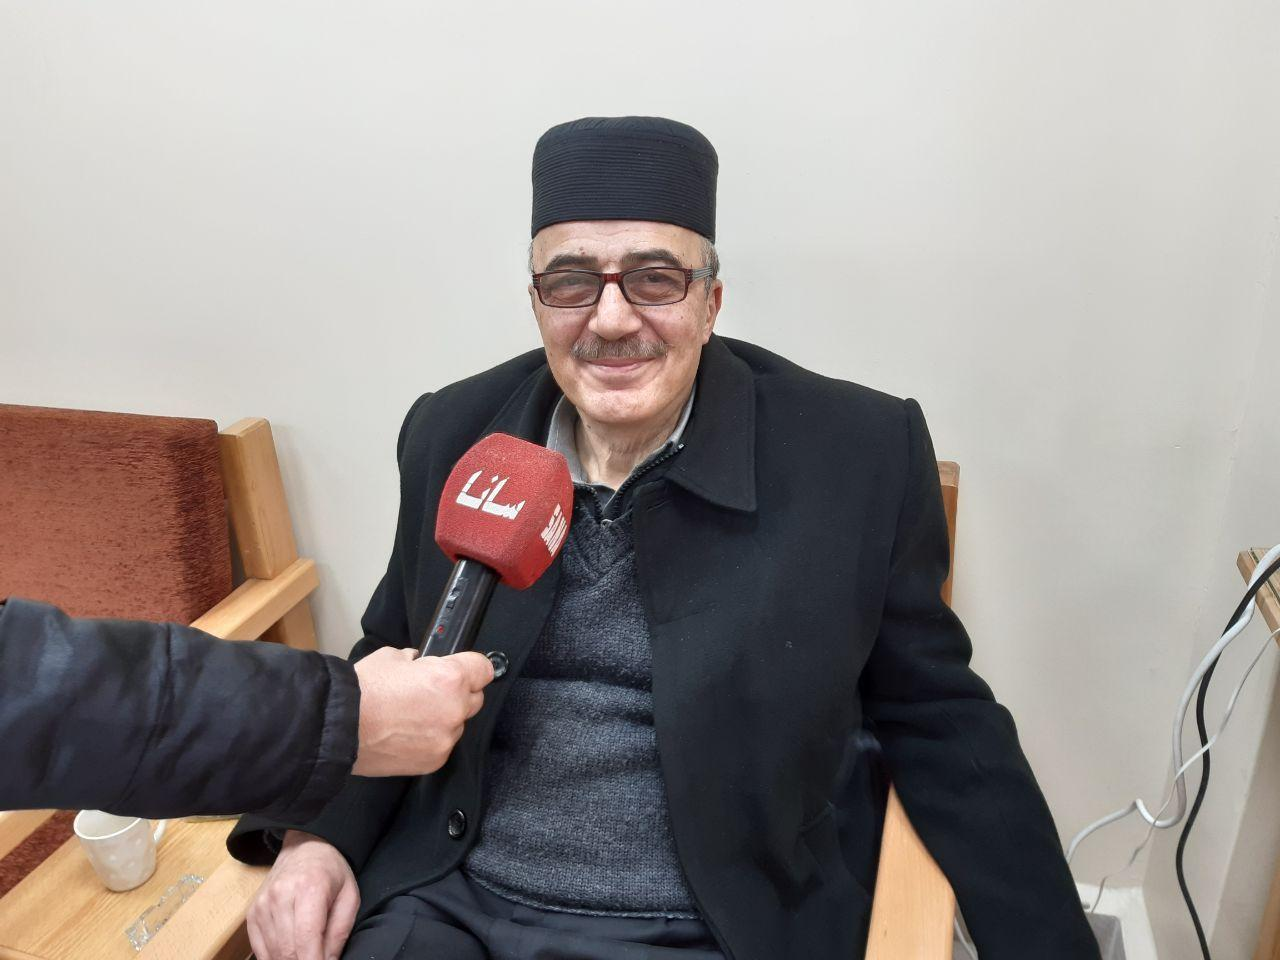 الخطاط عدنان الشيخ عثمان يدعو إلى إحداث أكاديمية سورية عربية لفن الخط  العربي - haramoon.com